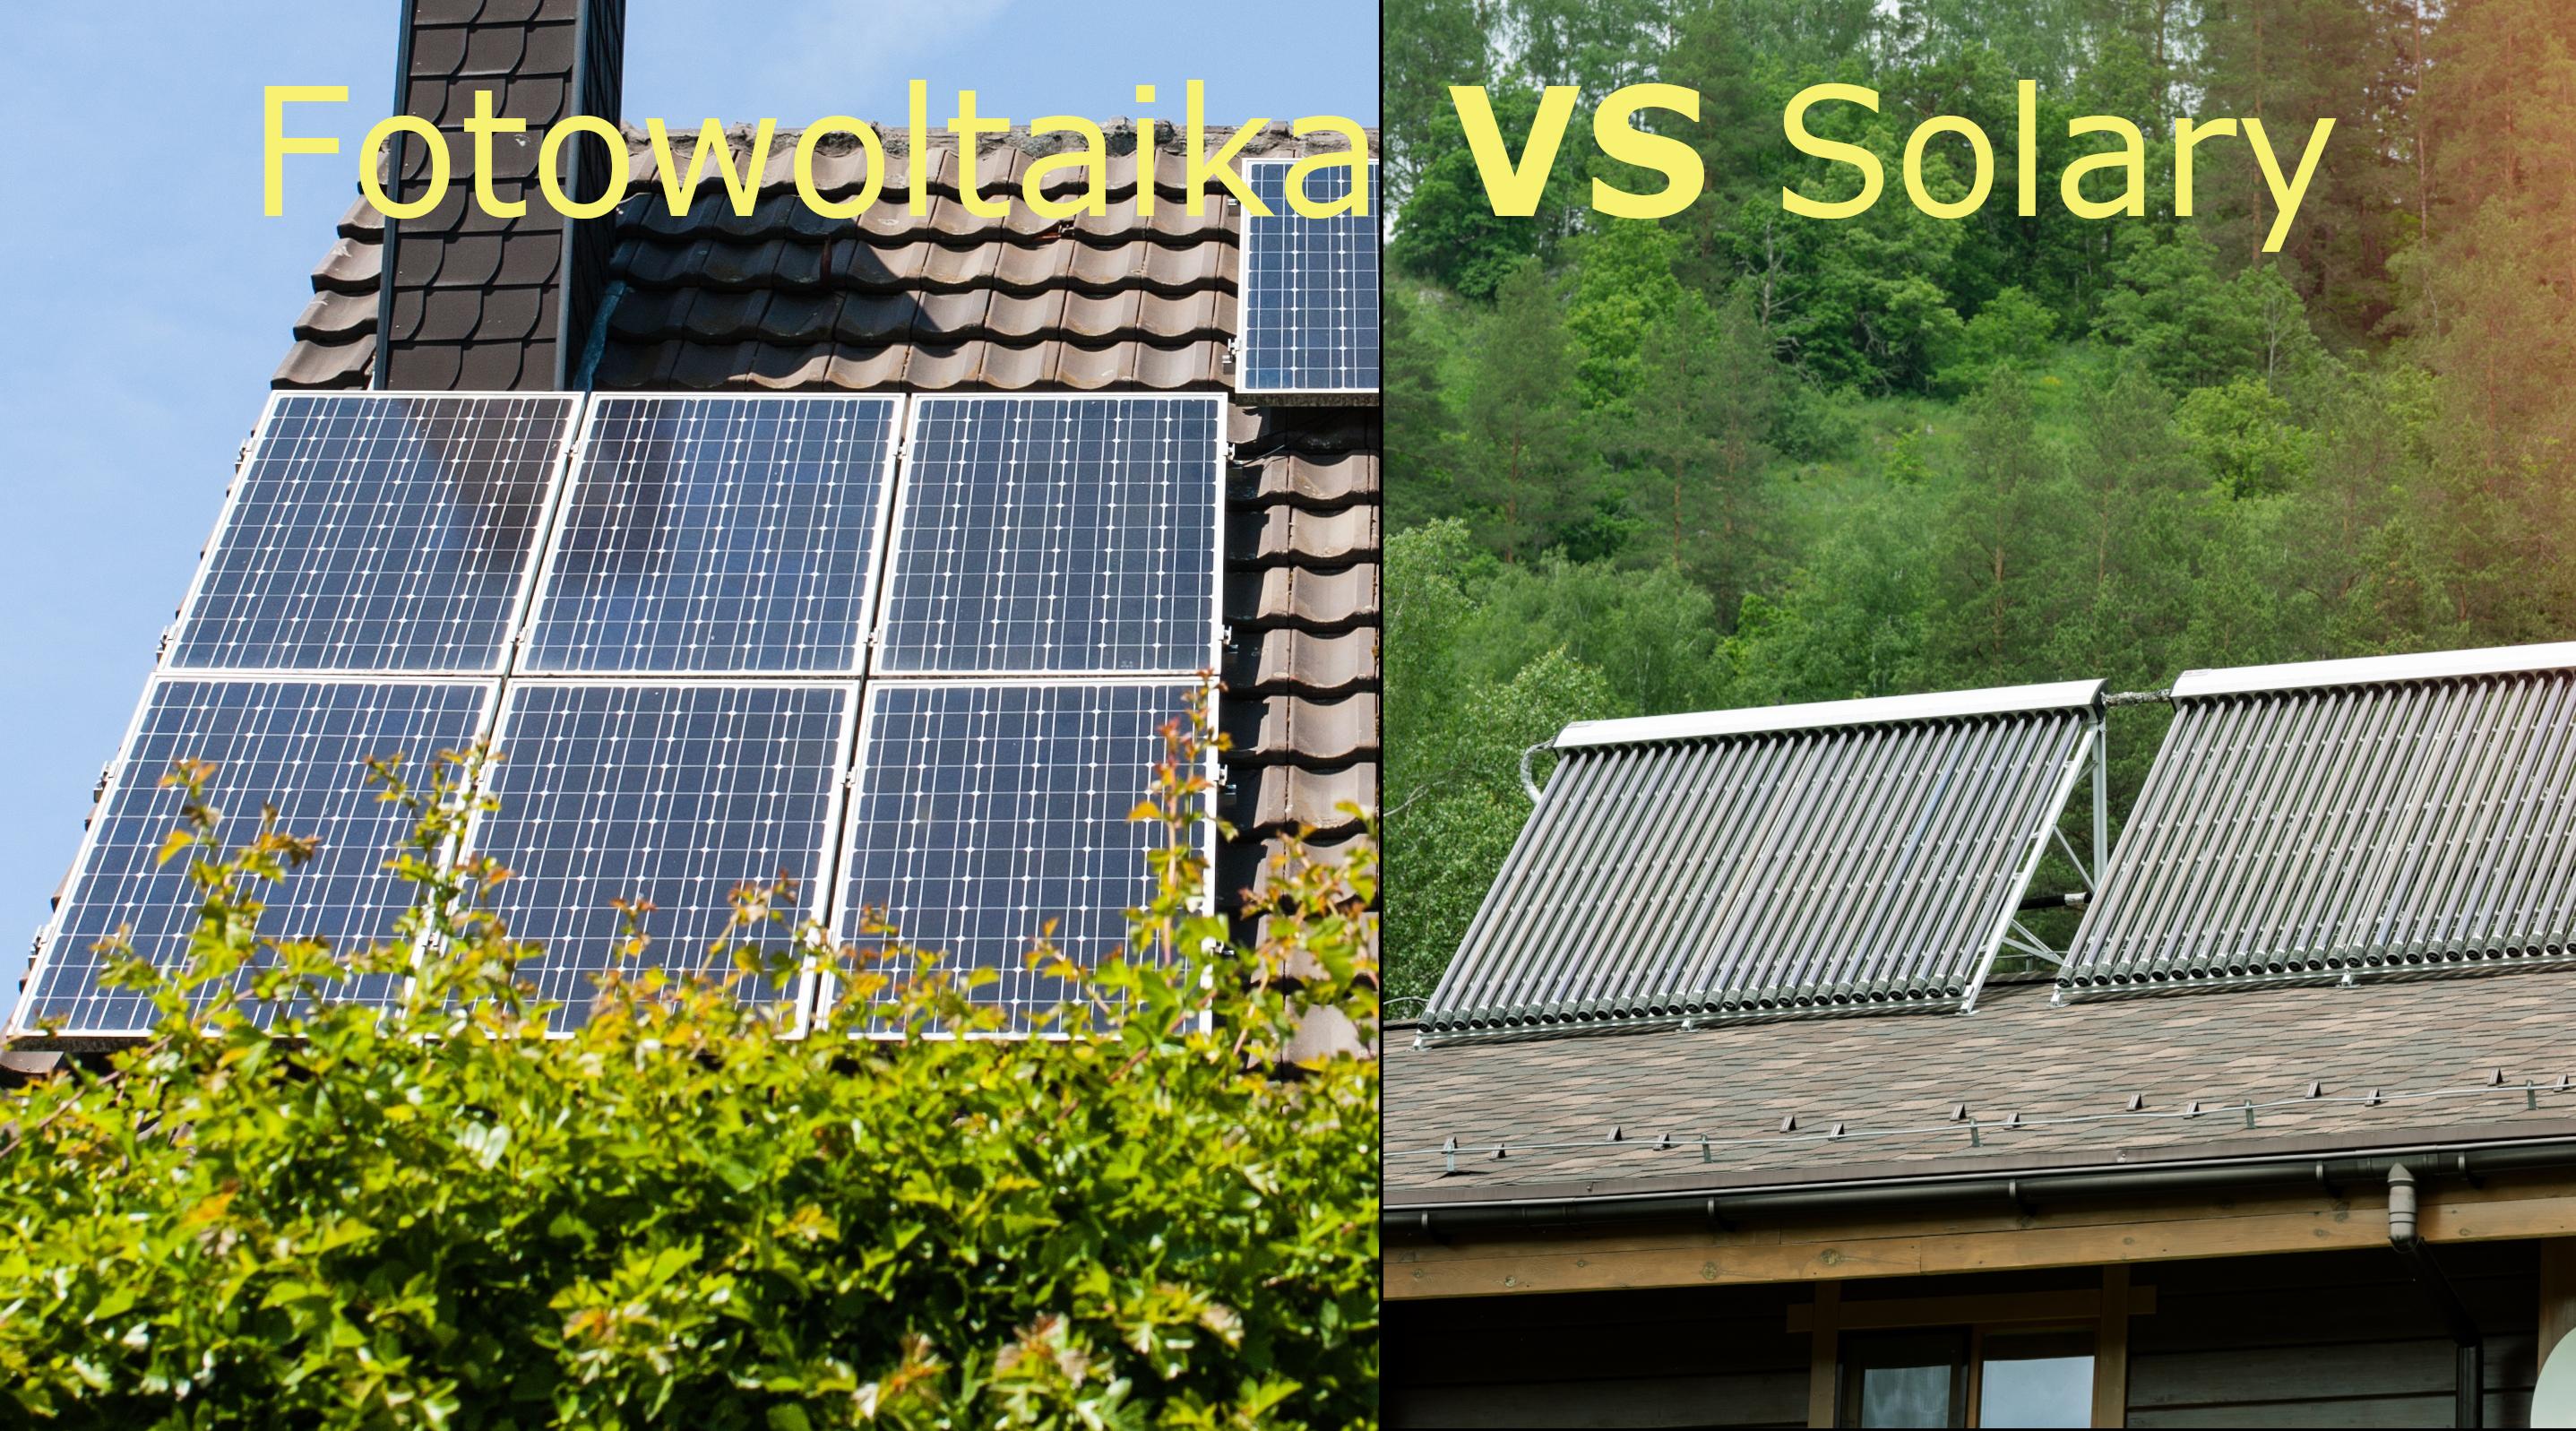 panele solarne a fotowoltaika